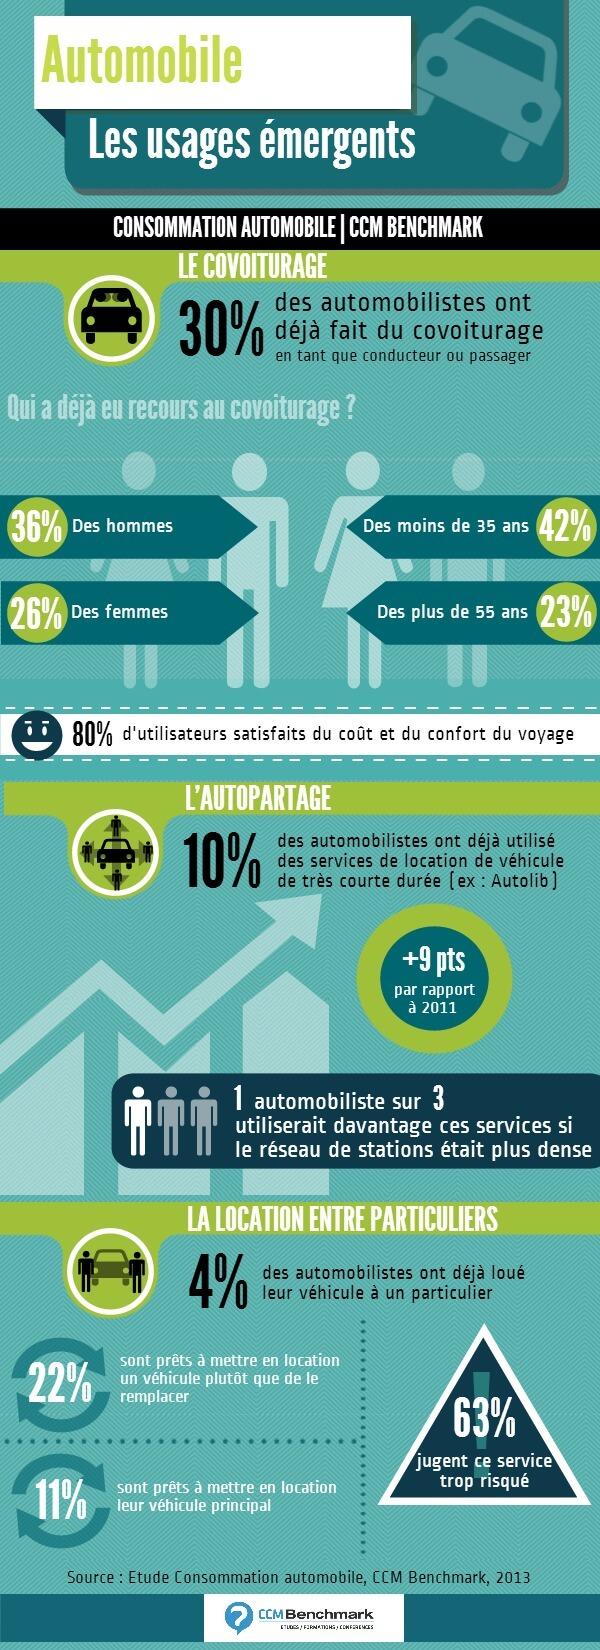 infographie-les-usages-emergents-de-l-automobile